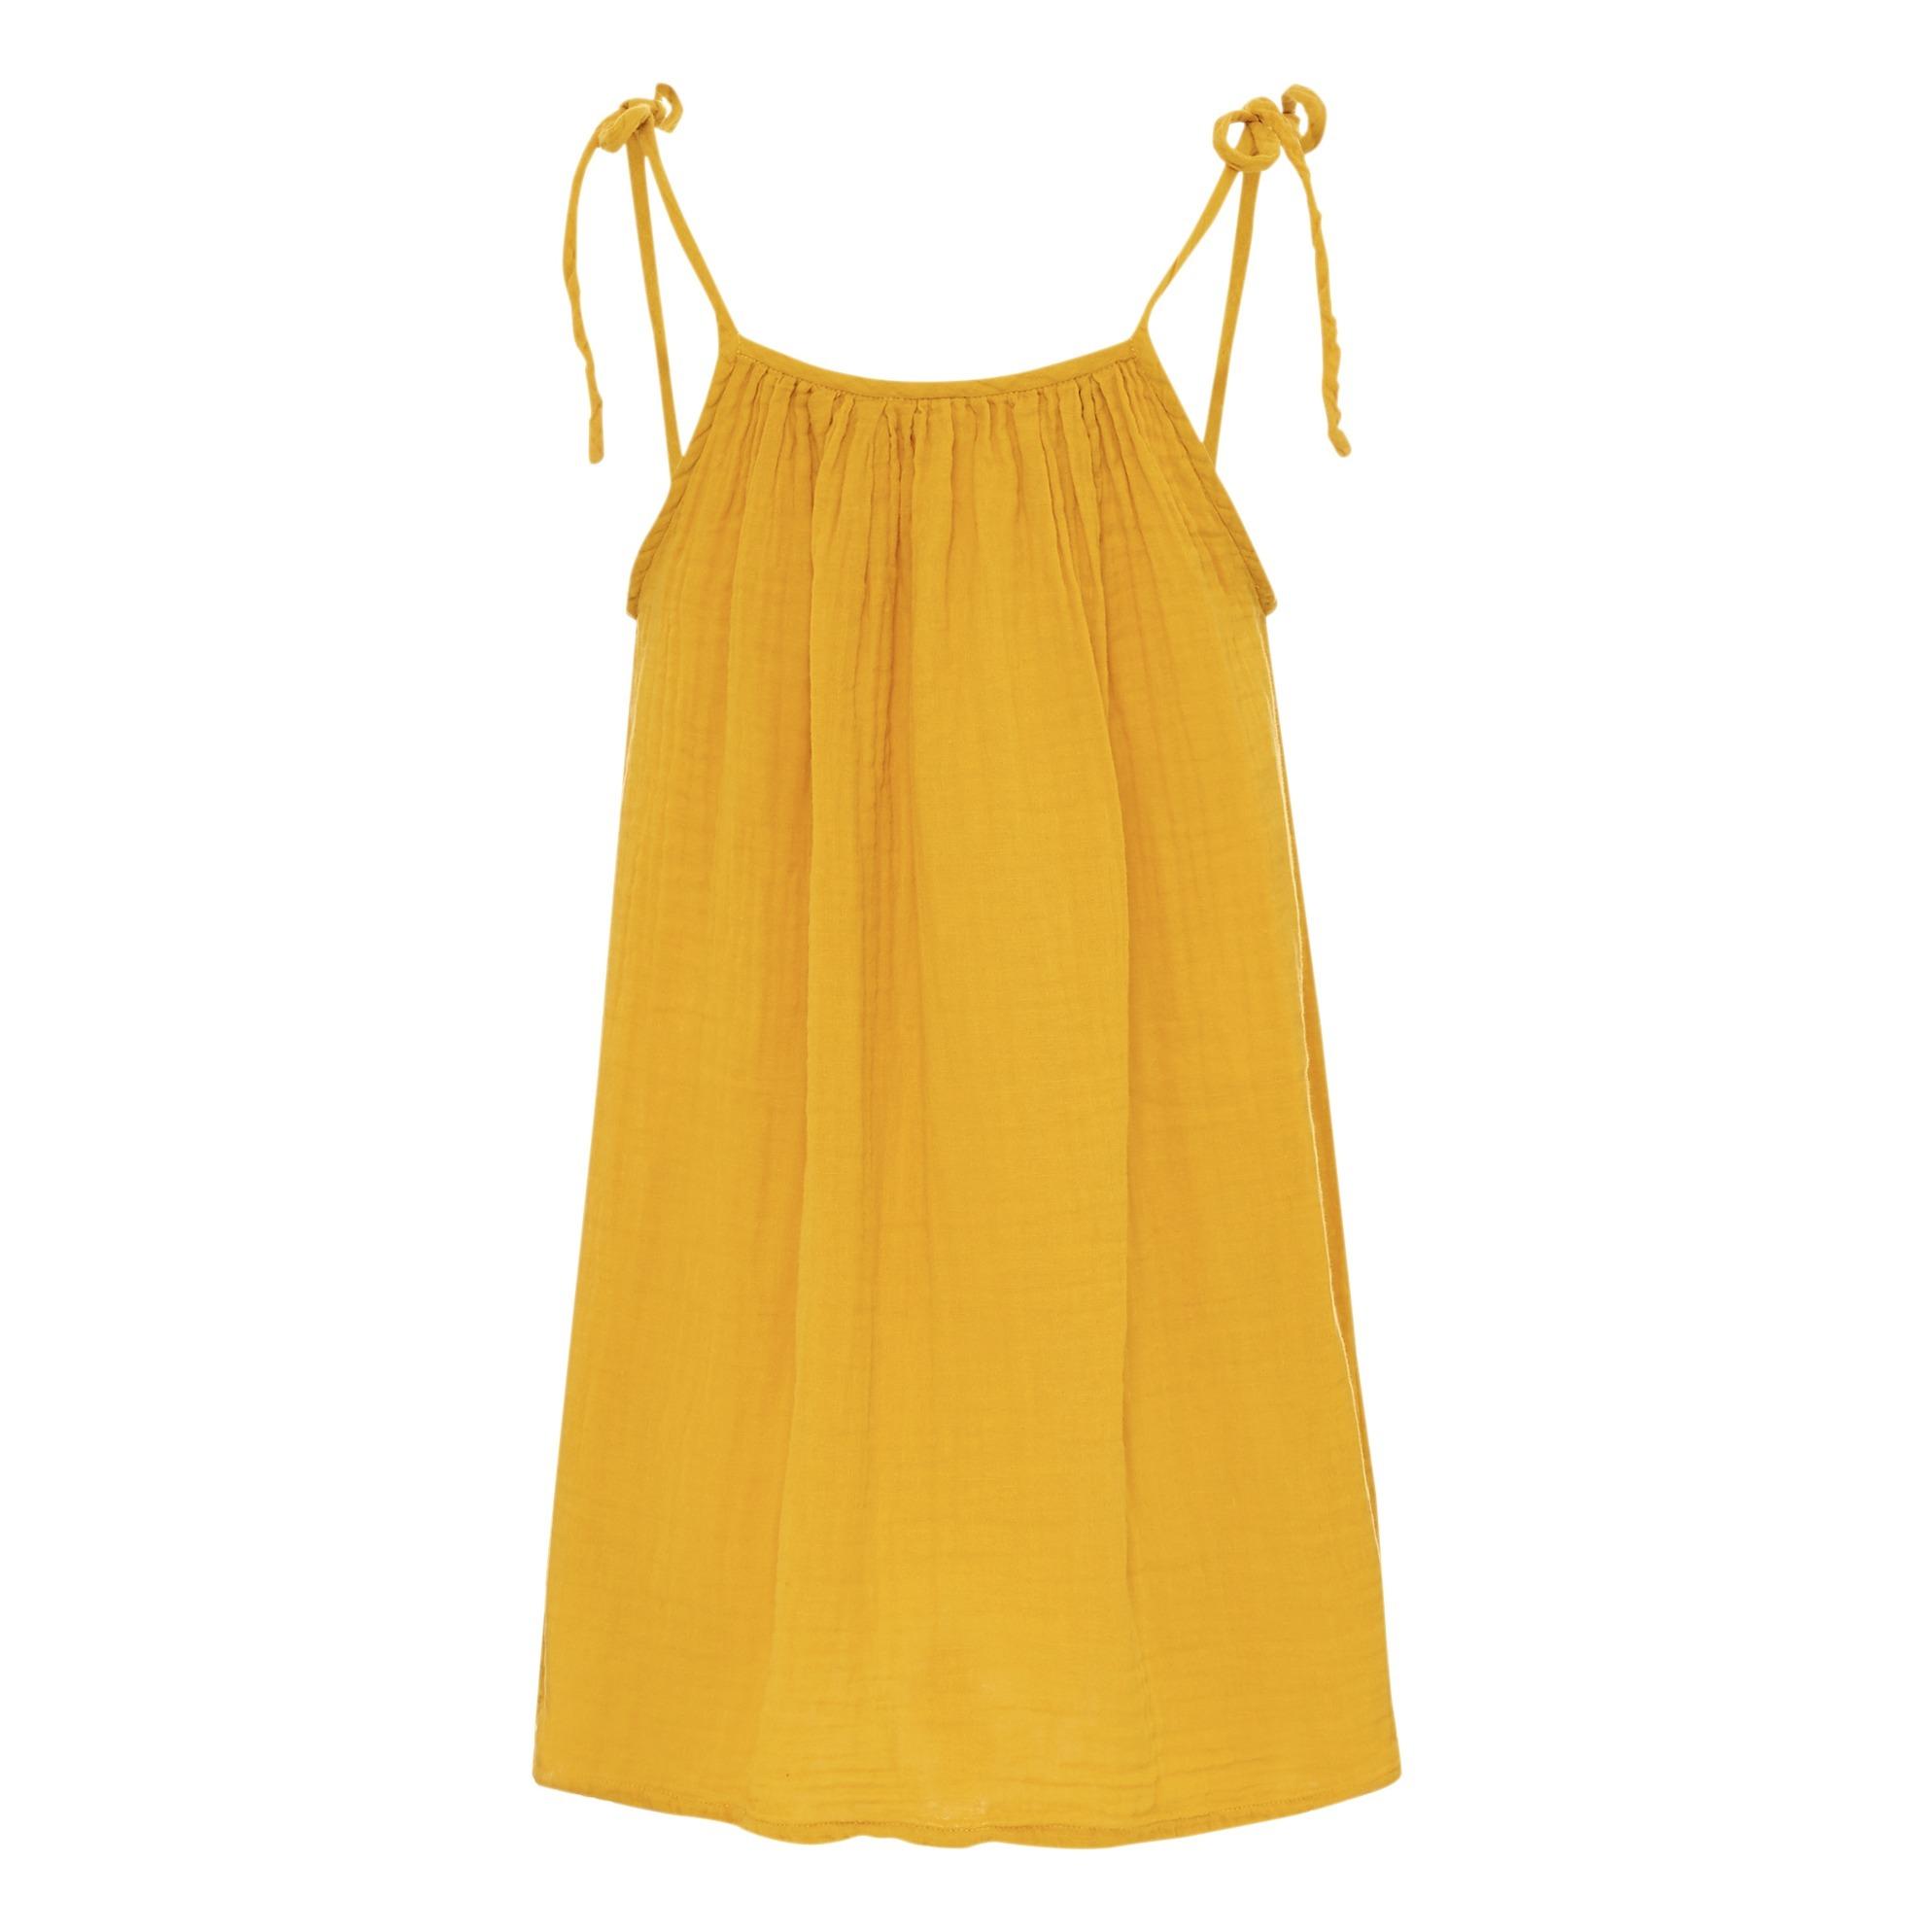 Kurzes Kleid Mia Damenkollektion Gelb Numero 74 Mode ...